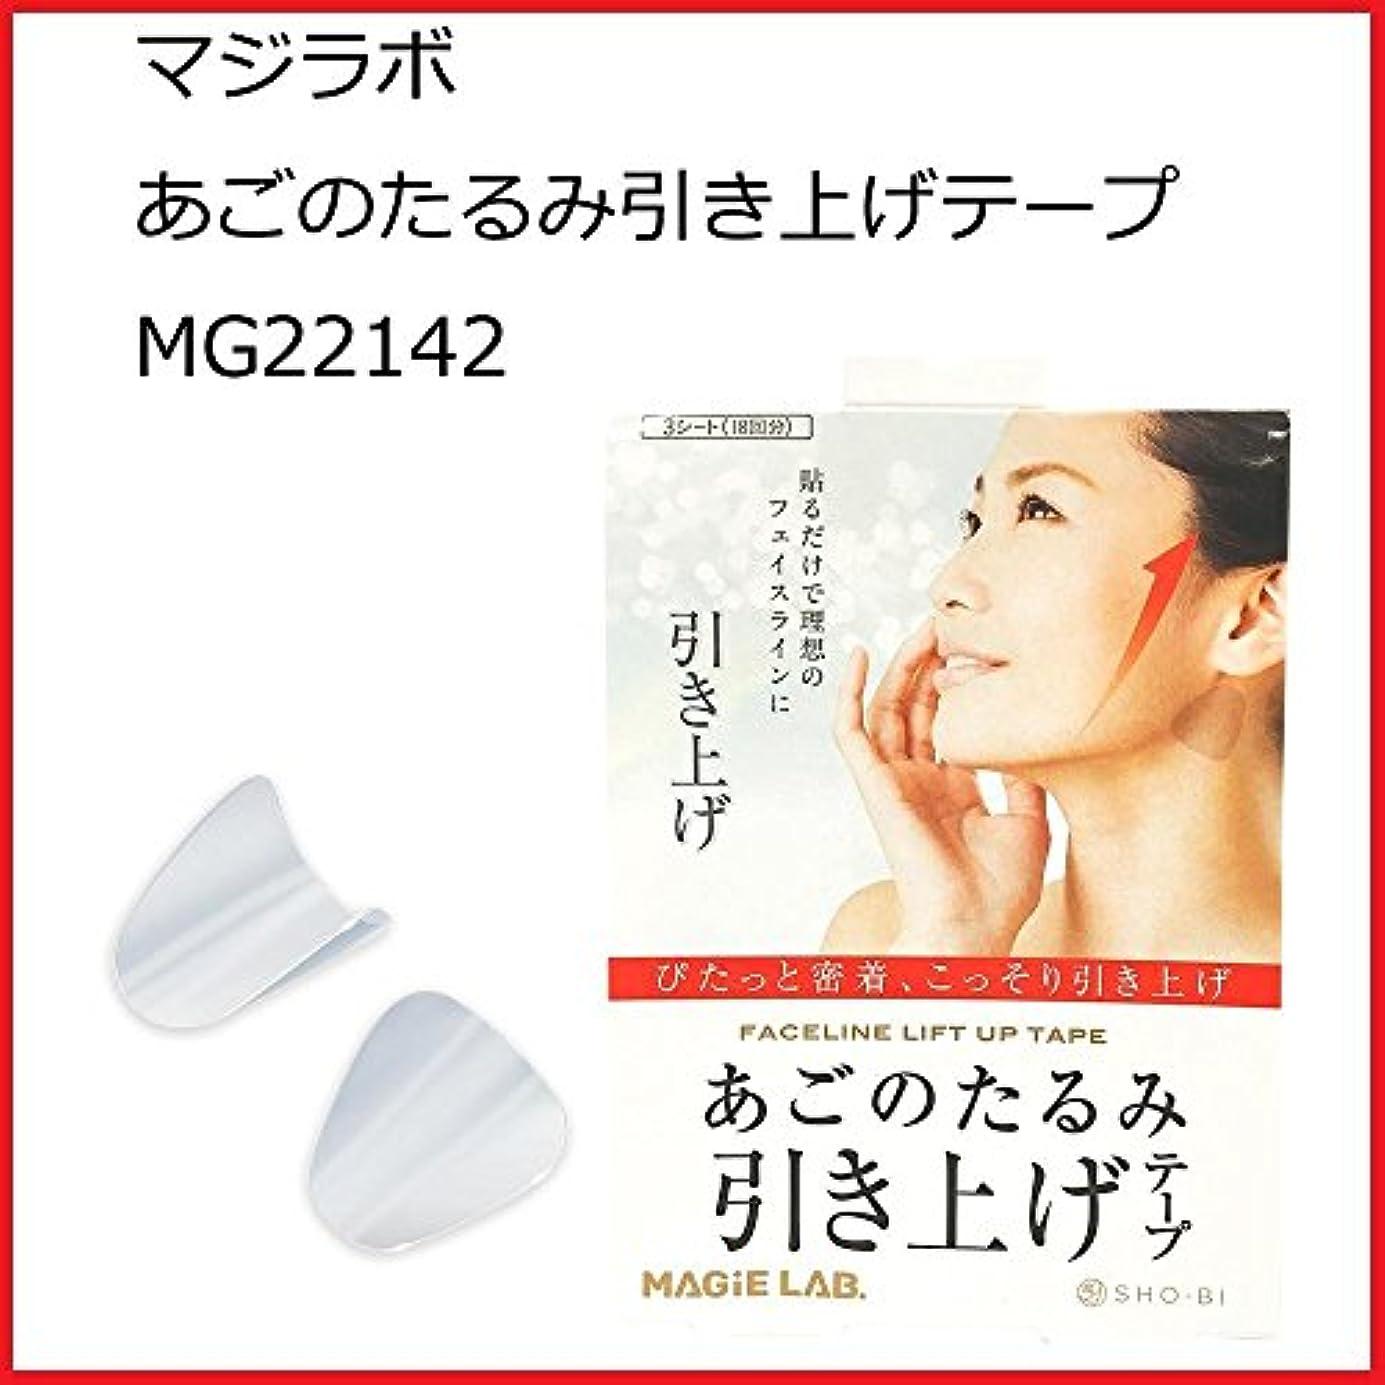 かもしれない彼女自身歯痛マジラボ あごのたるみ引き上げテープ MG22142